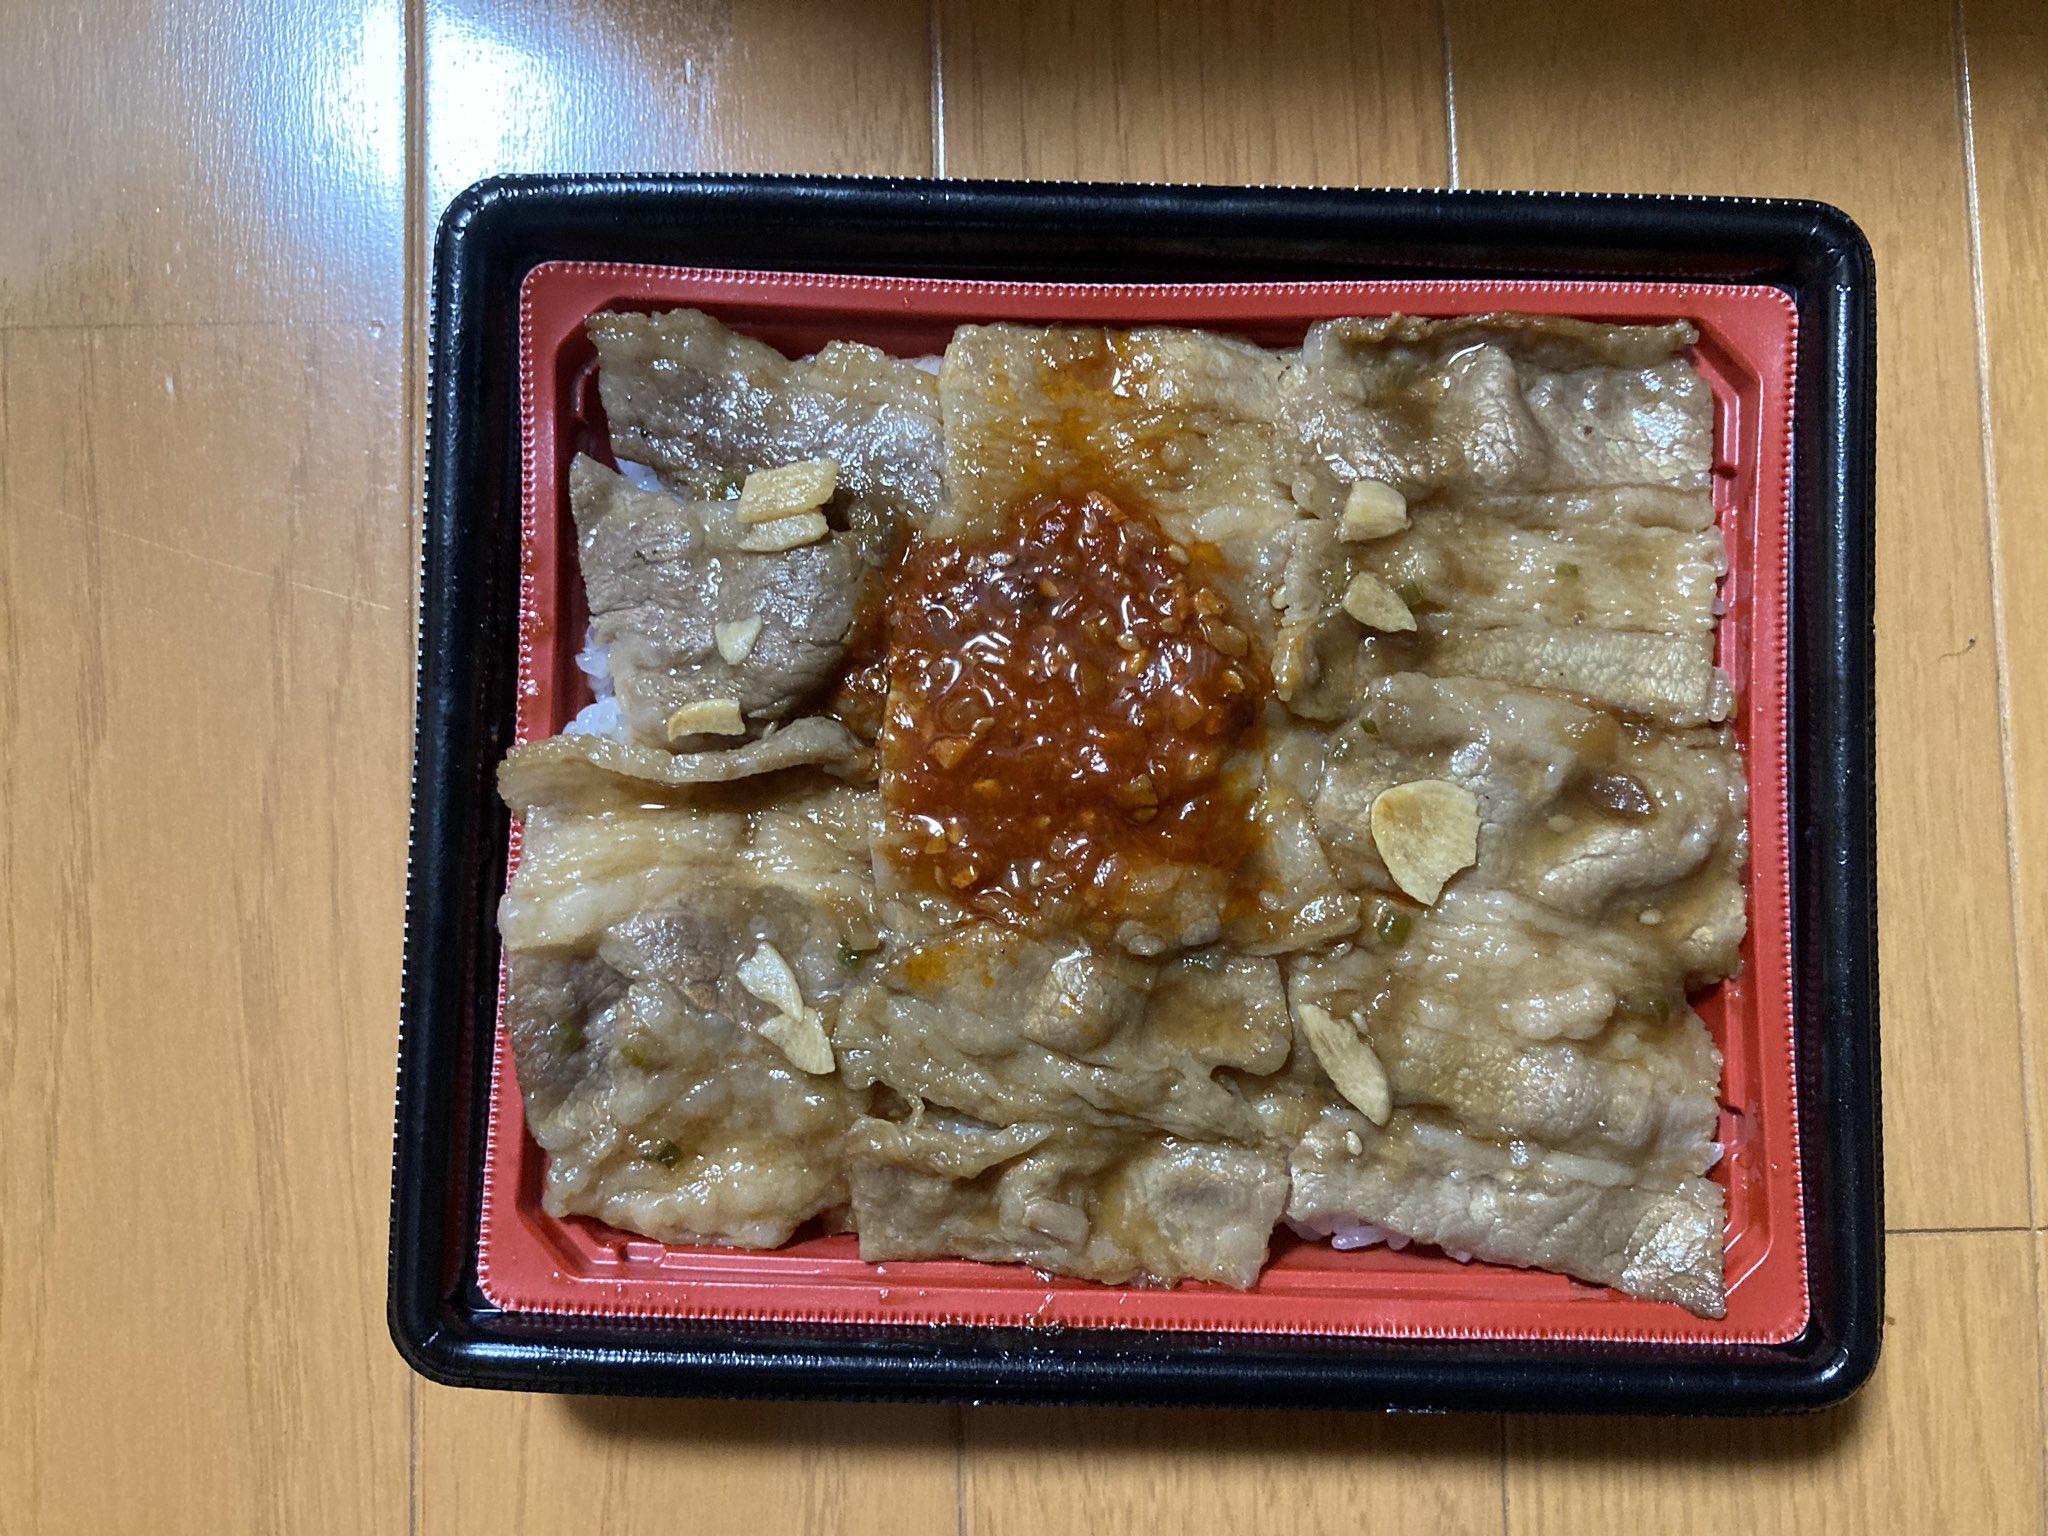 【画像】韓国のプルコギ弁当、とんでもない水増しをしてしまう